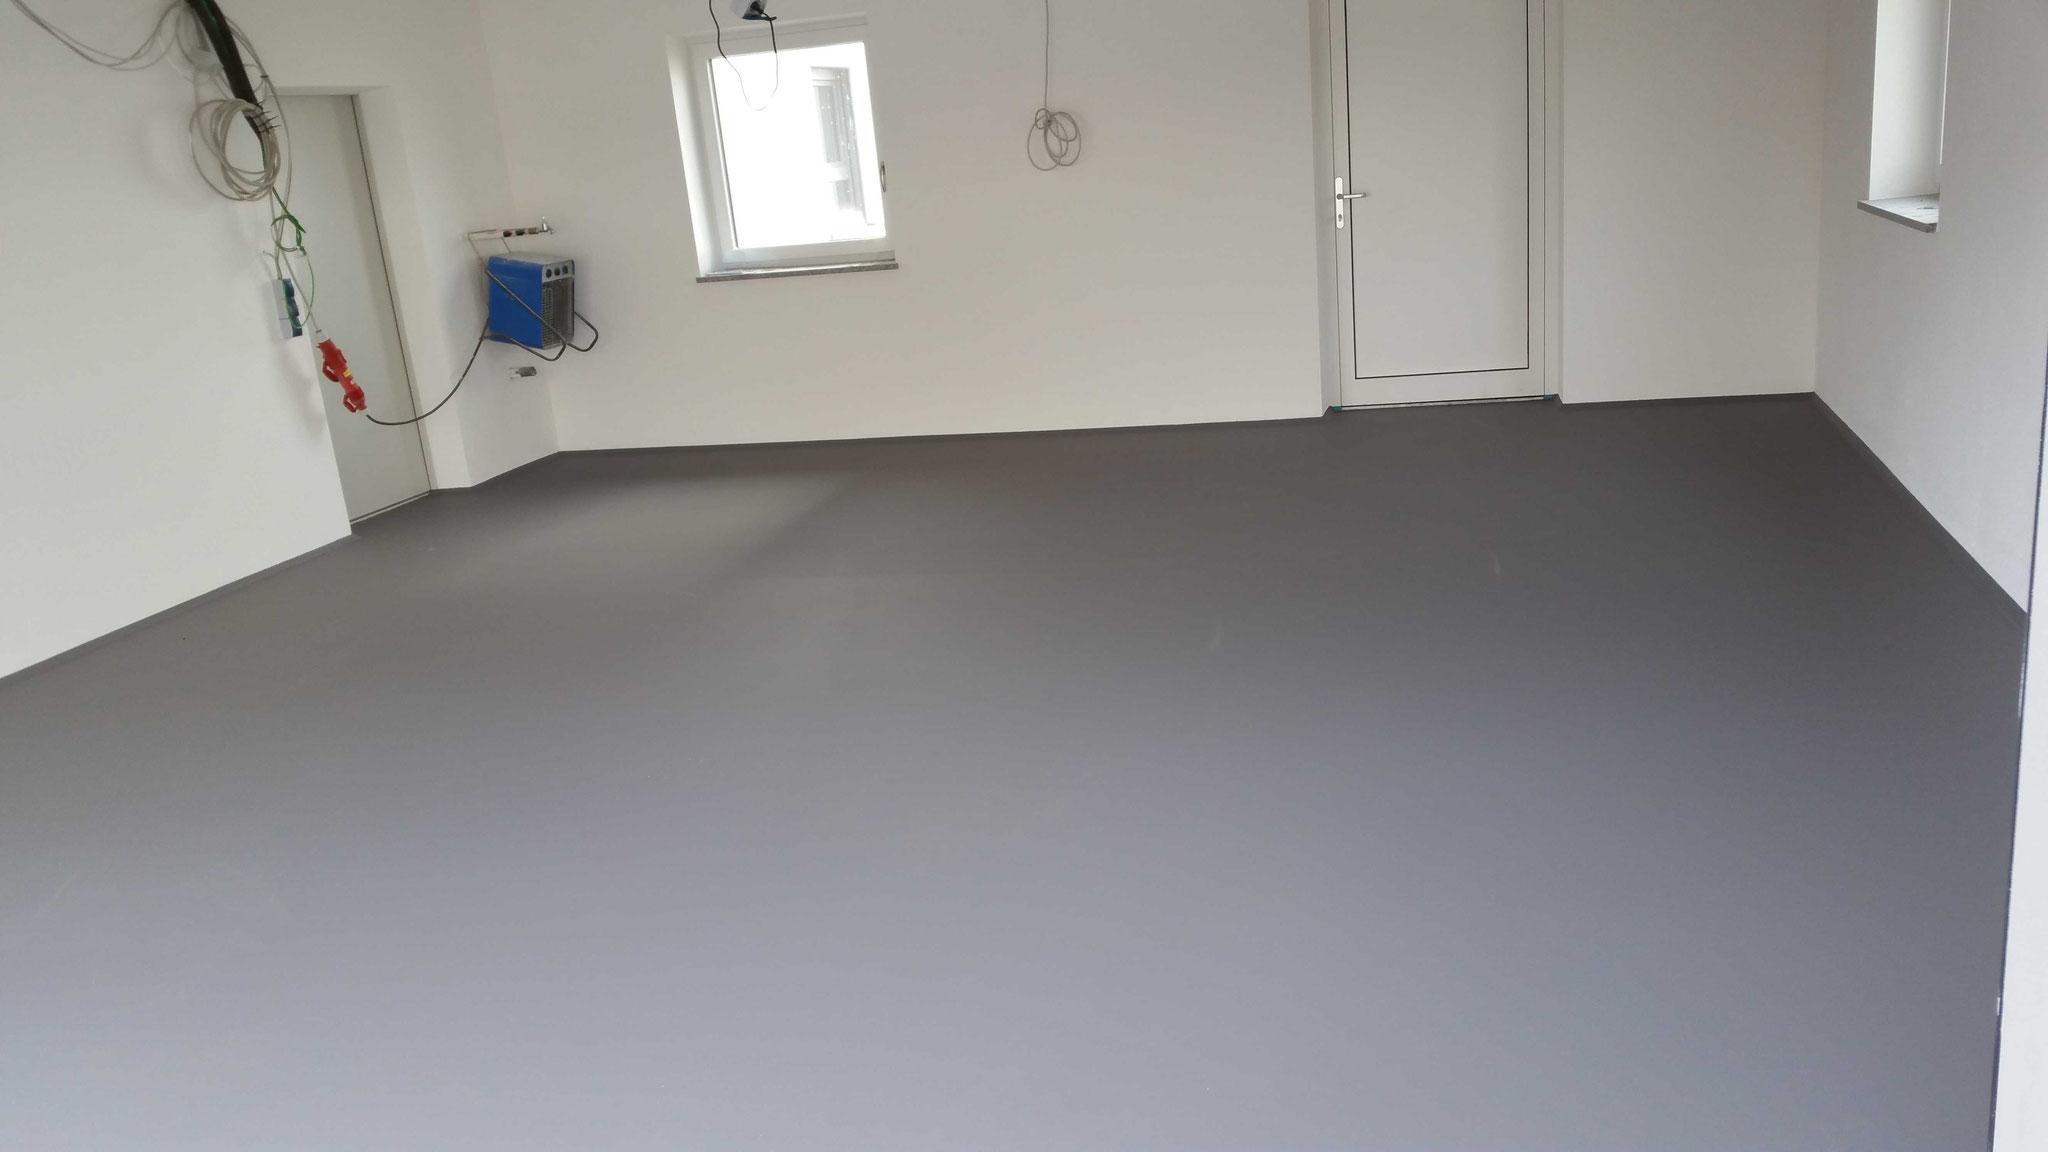 anthrazitfarbige Garagenboden nach Mattversieglung